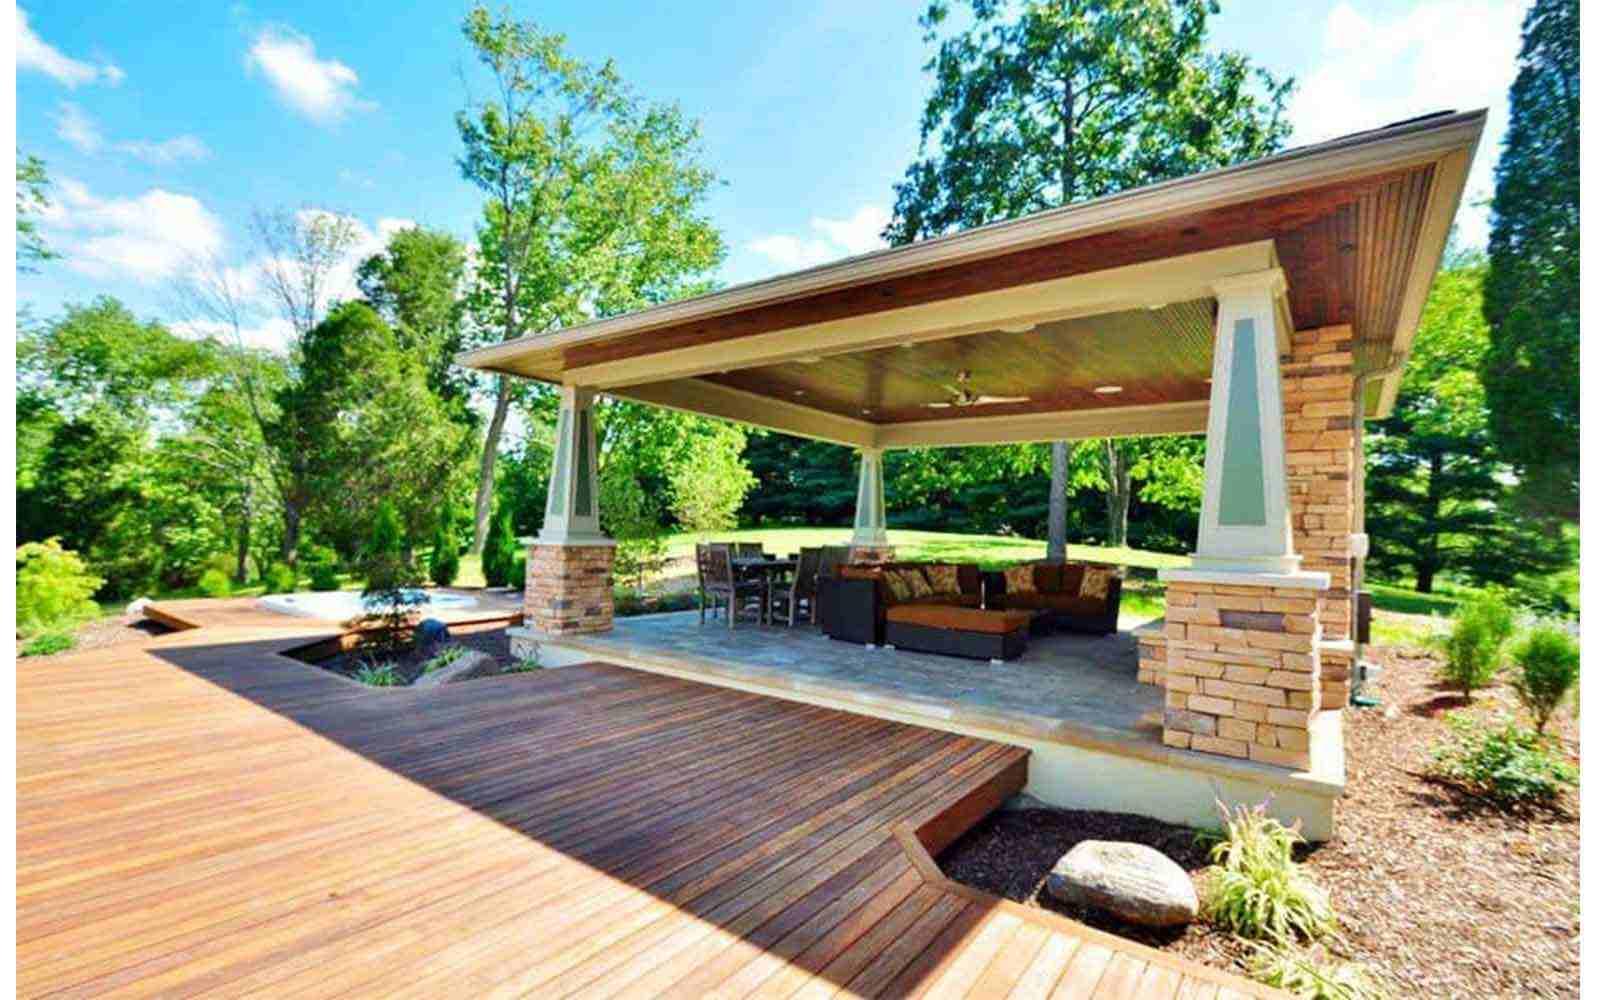 Phong cách lát sân vườn gạch giả gỗ hòa hợp với thiên nhiên